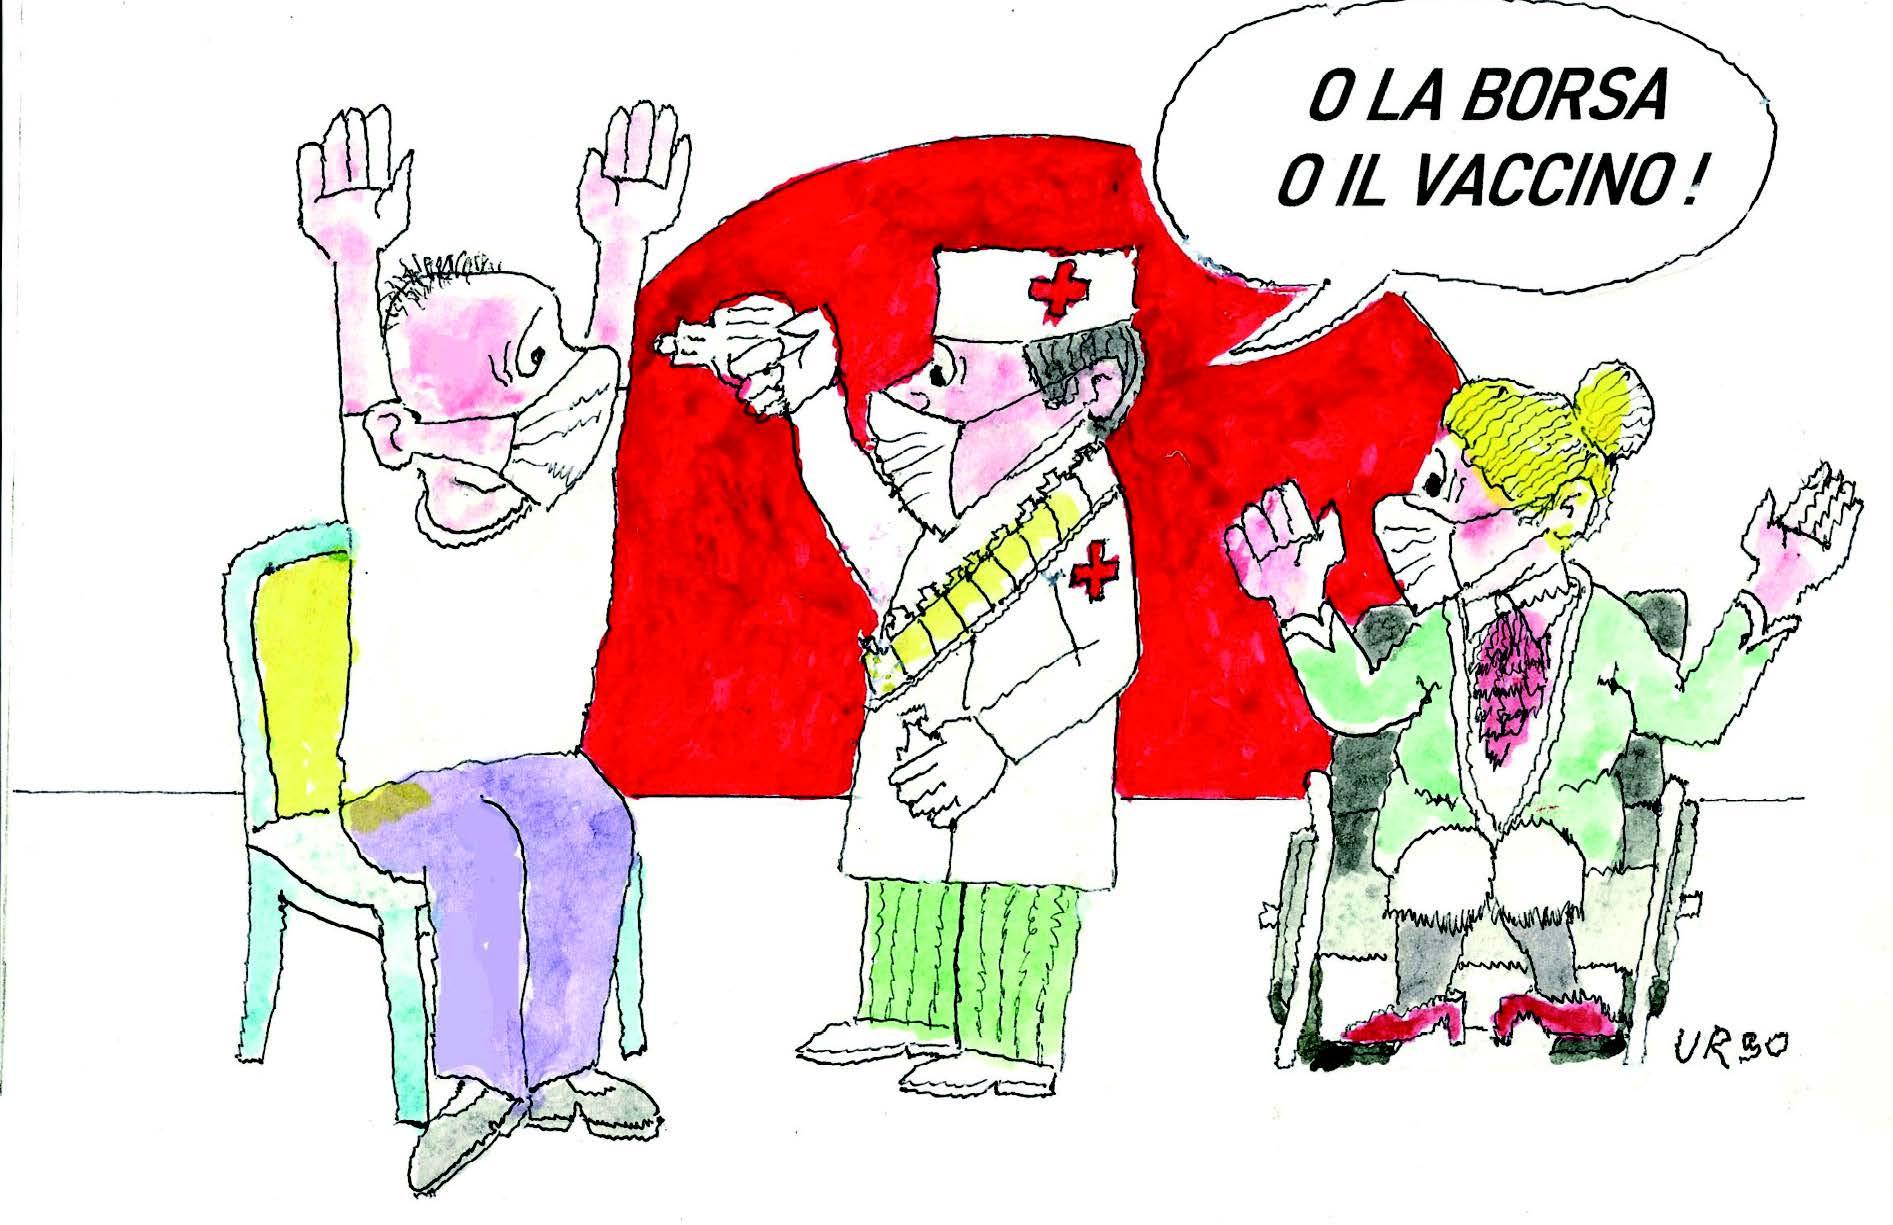 I produttori di vaccini difendono solo i loro interessi creando problemi alle iniziative anticovid degli Stati